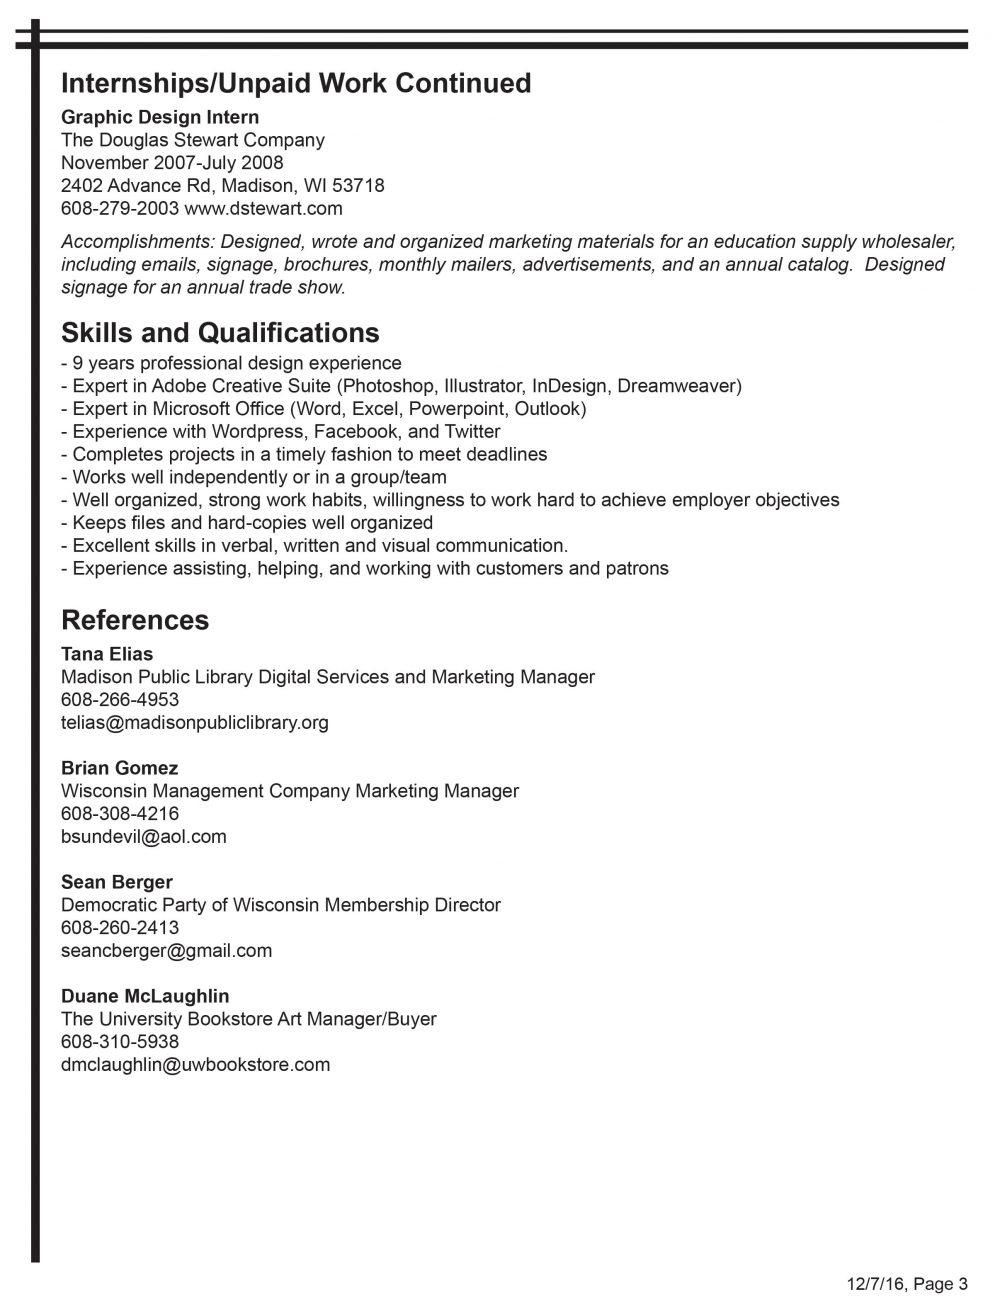 resume marc gannon resume 1 resume 2 resume 3